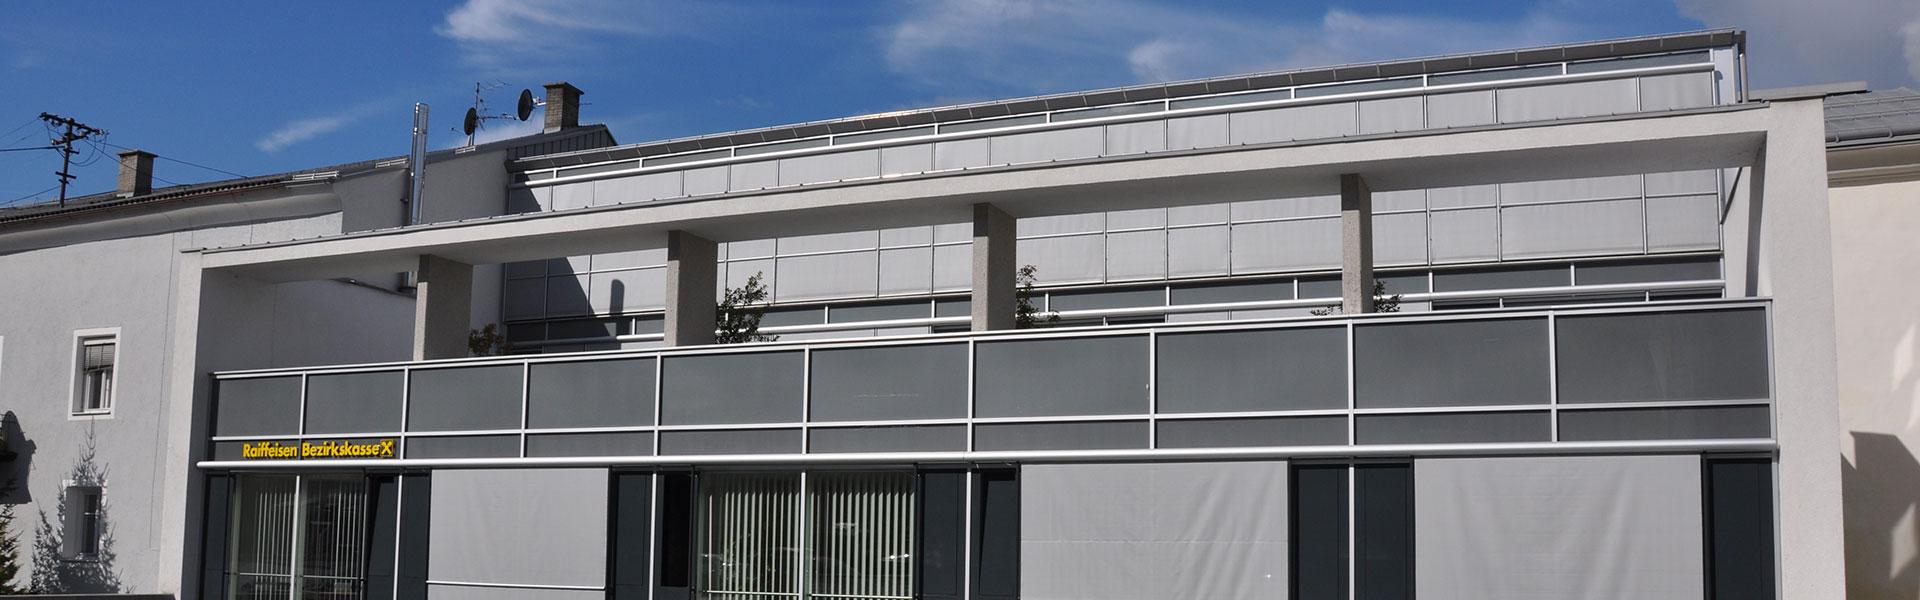 Ennemoser Sonnenschutz - Transparentrollo